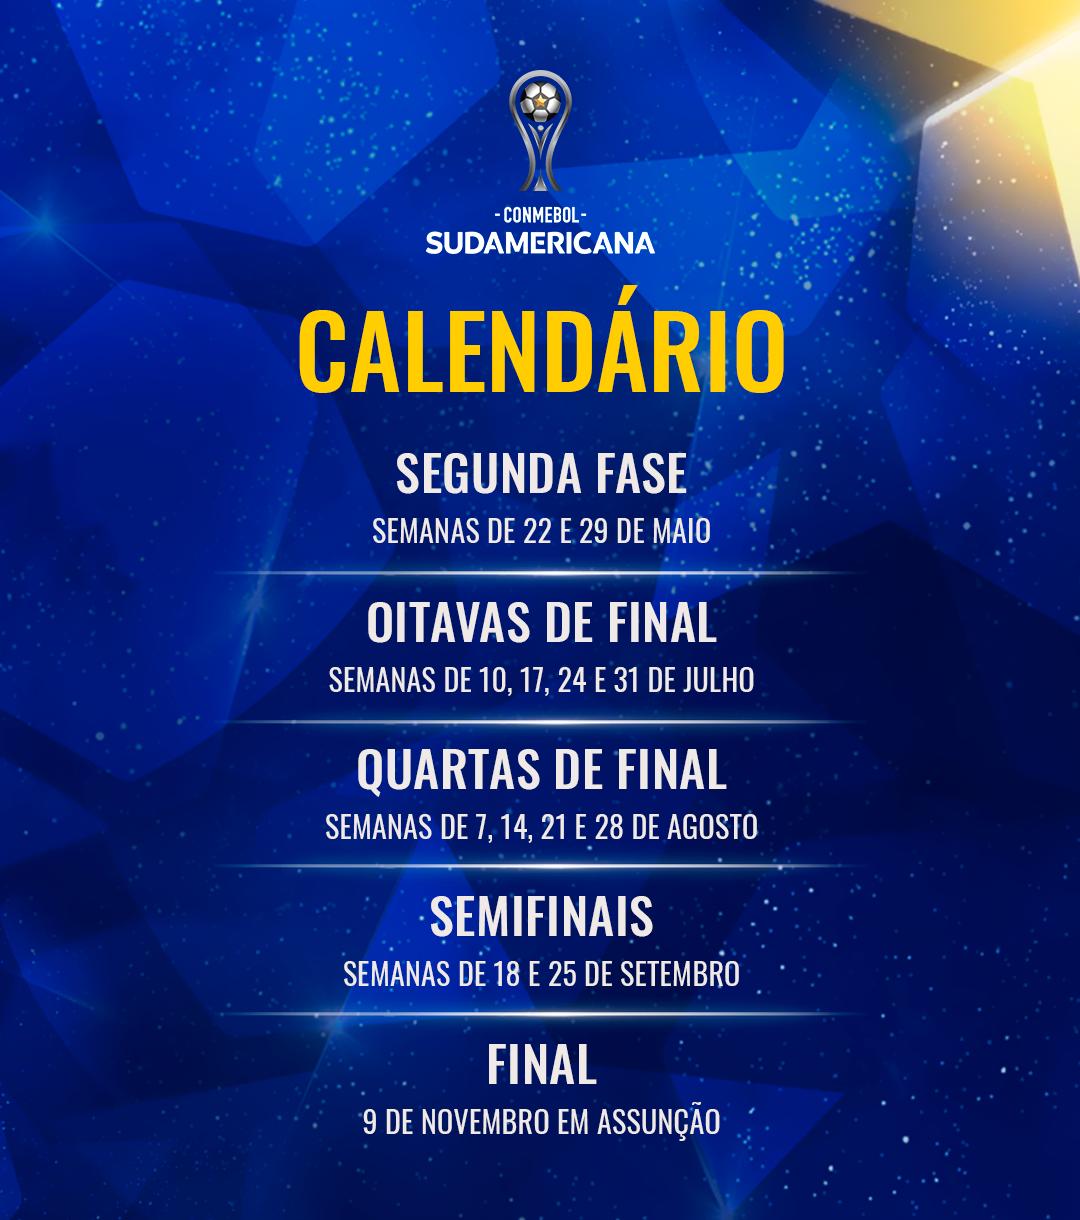 Calendário - Sul-Americana